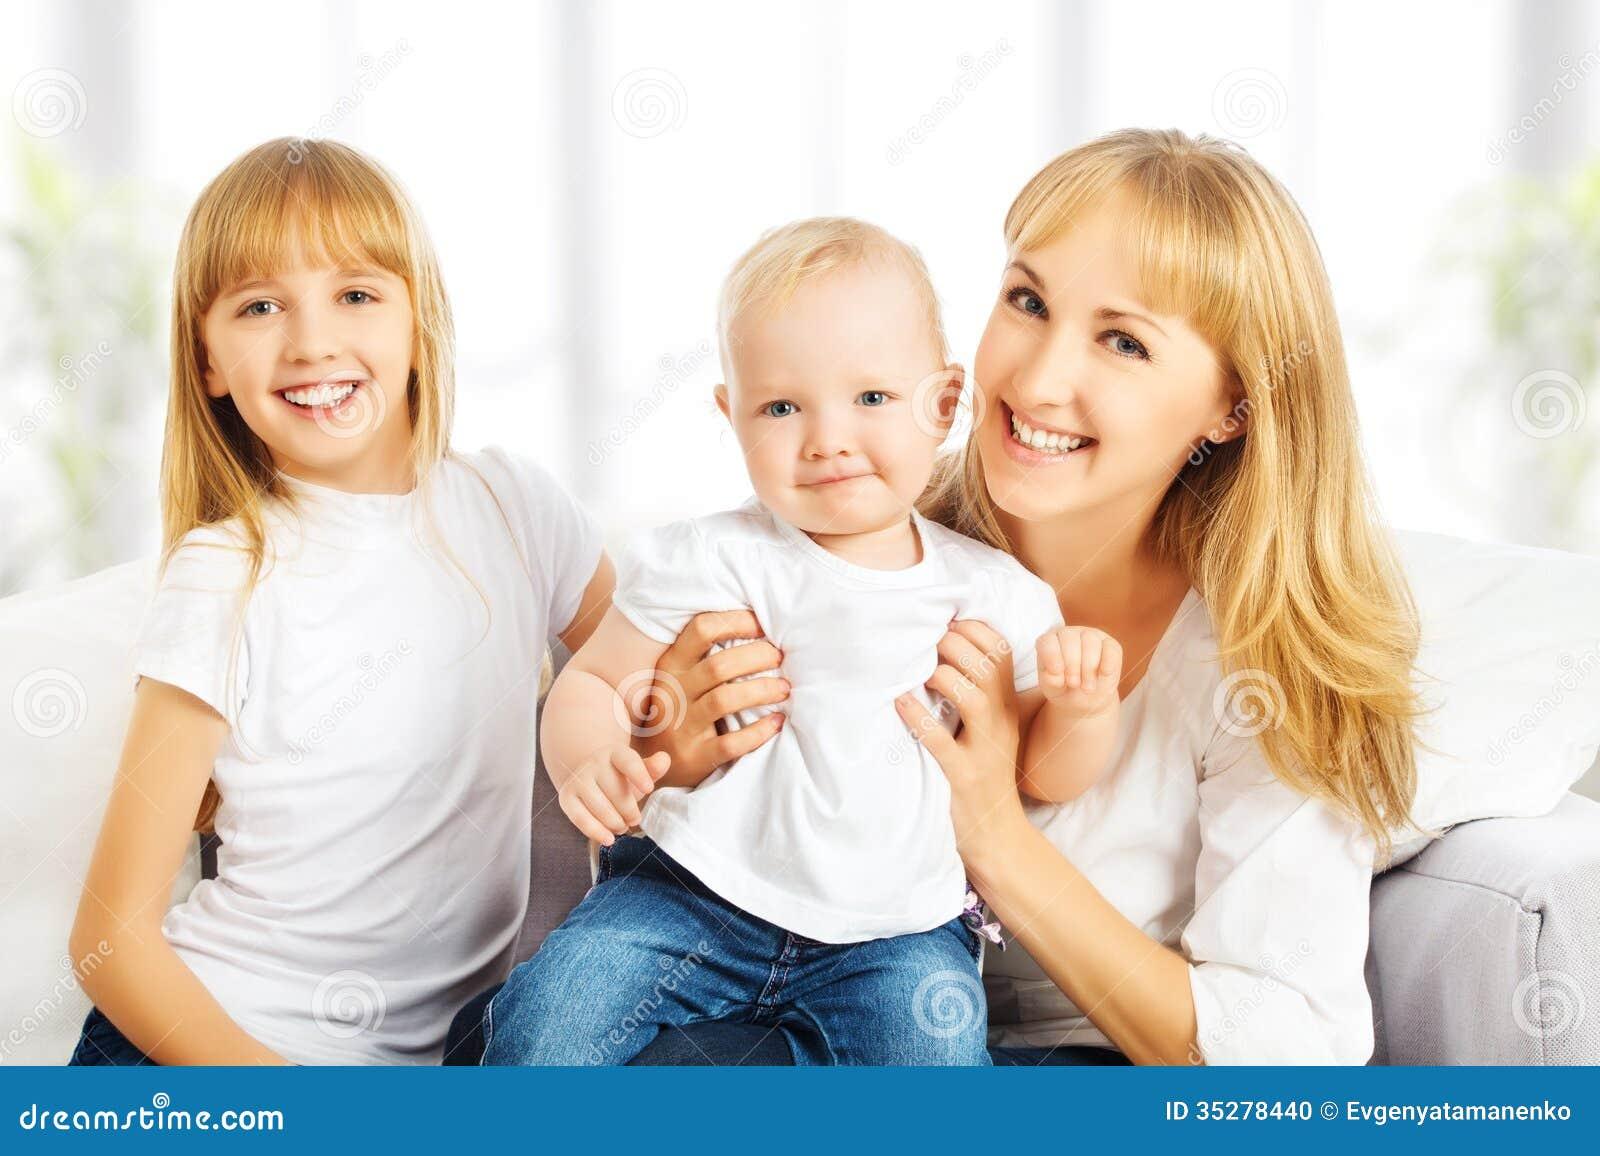 14 madre e hijo - photo #17